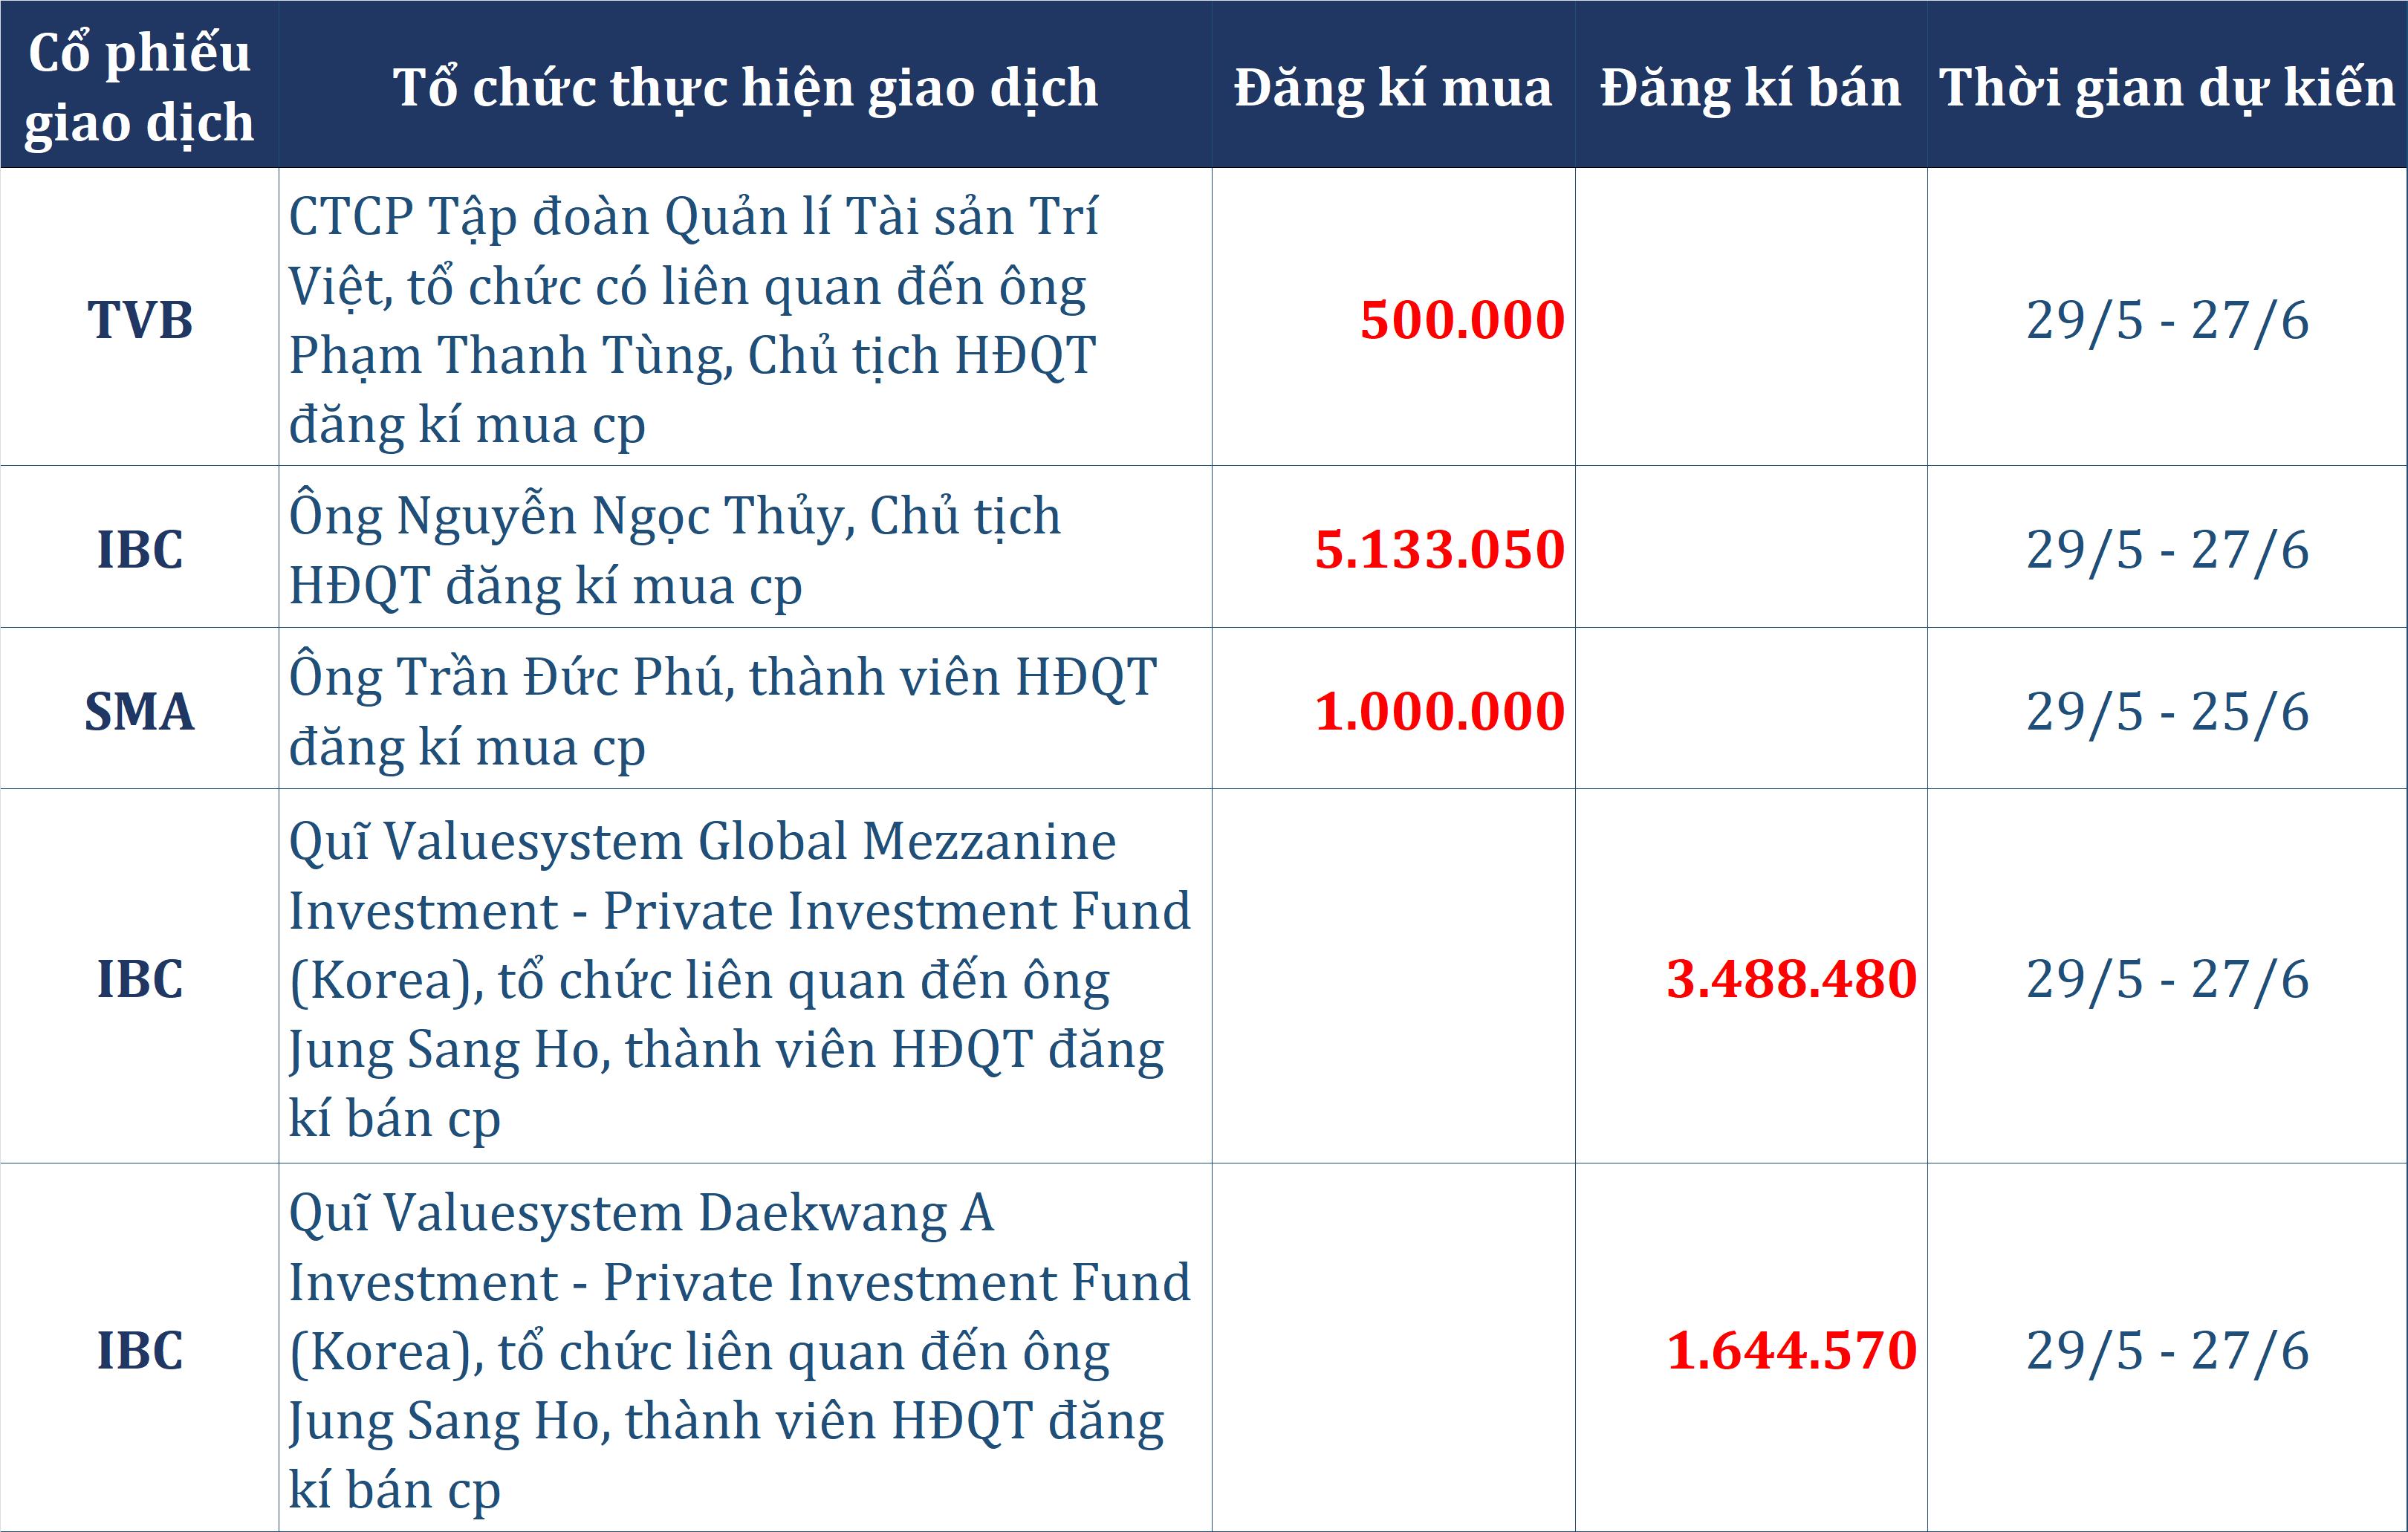 """Dòng tiền thông minh 27/5: Tự doanh bán ròng 146 tỉ đồng phiên thứ ba liên tiếp, quĩ Hàn Quốc trao tay hơn 5,1 triệu cp Apax Holdings cho """"Shark"""" Thủy? - Ảnh 2."""